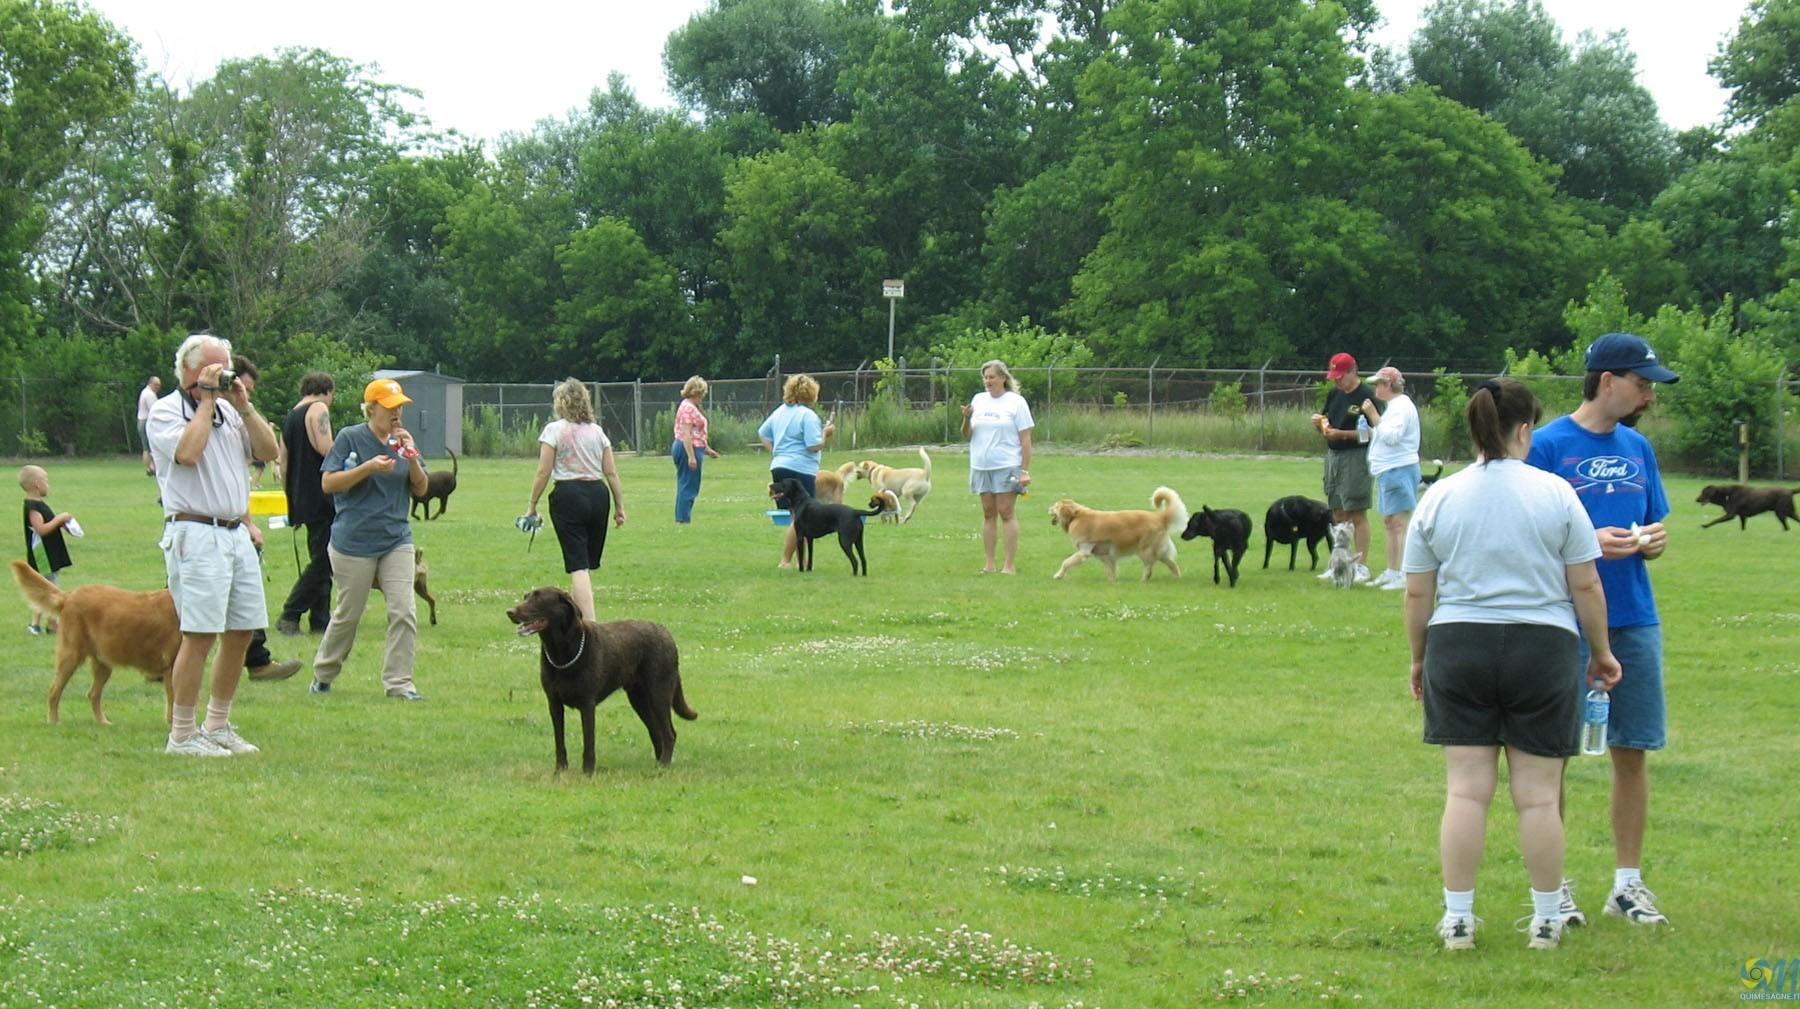 Il Dog Park? Meglio nel centro urbano